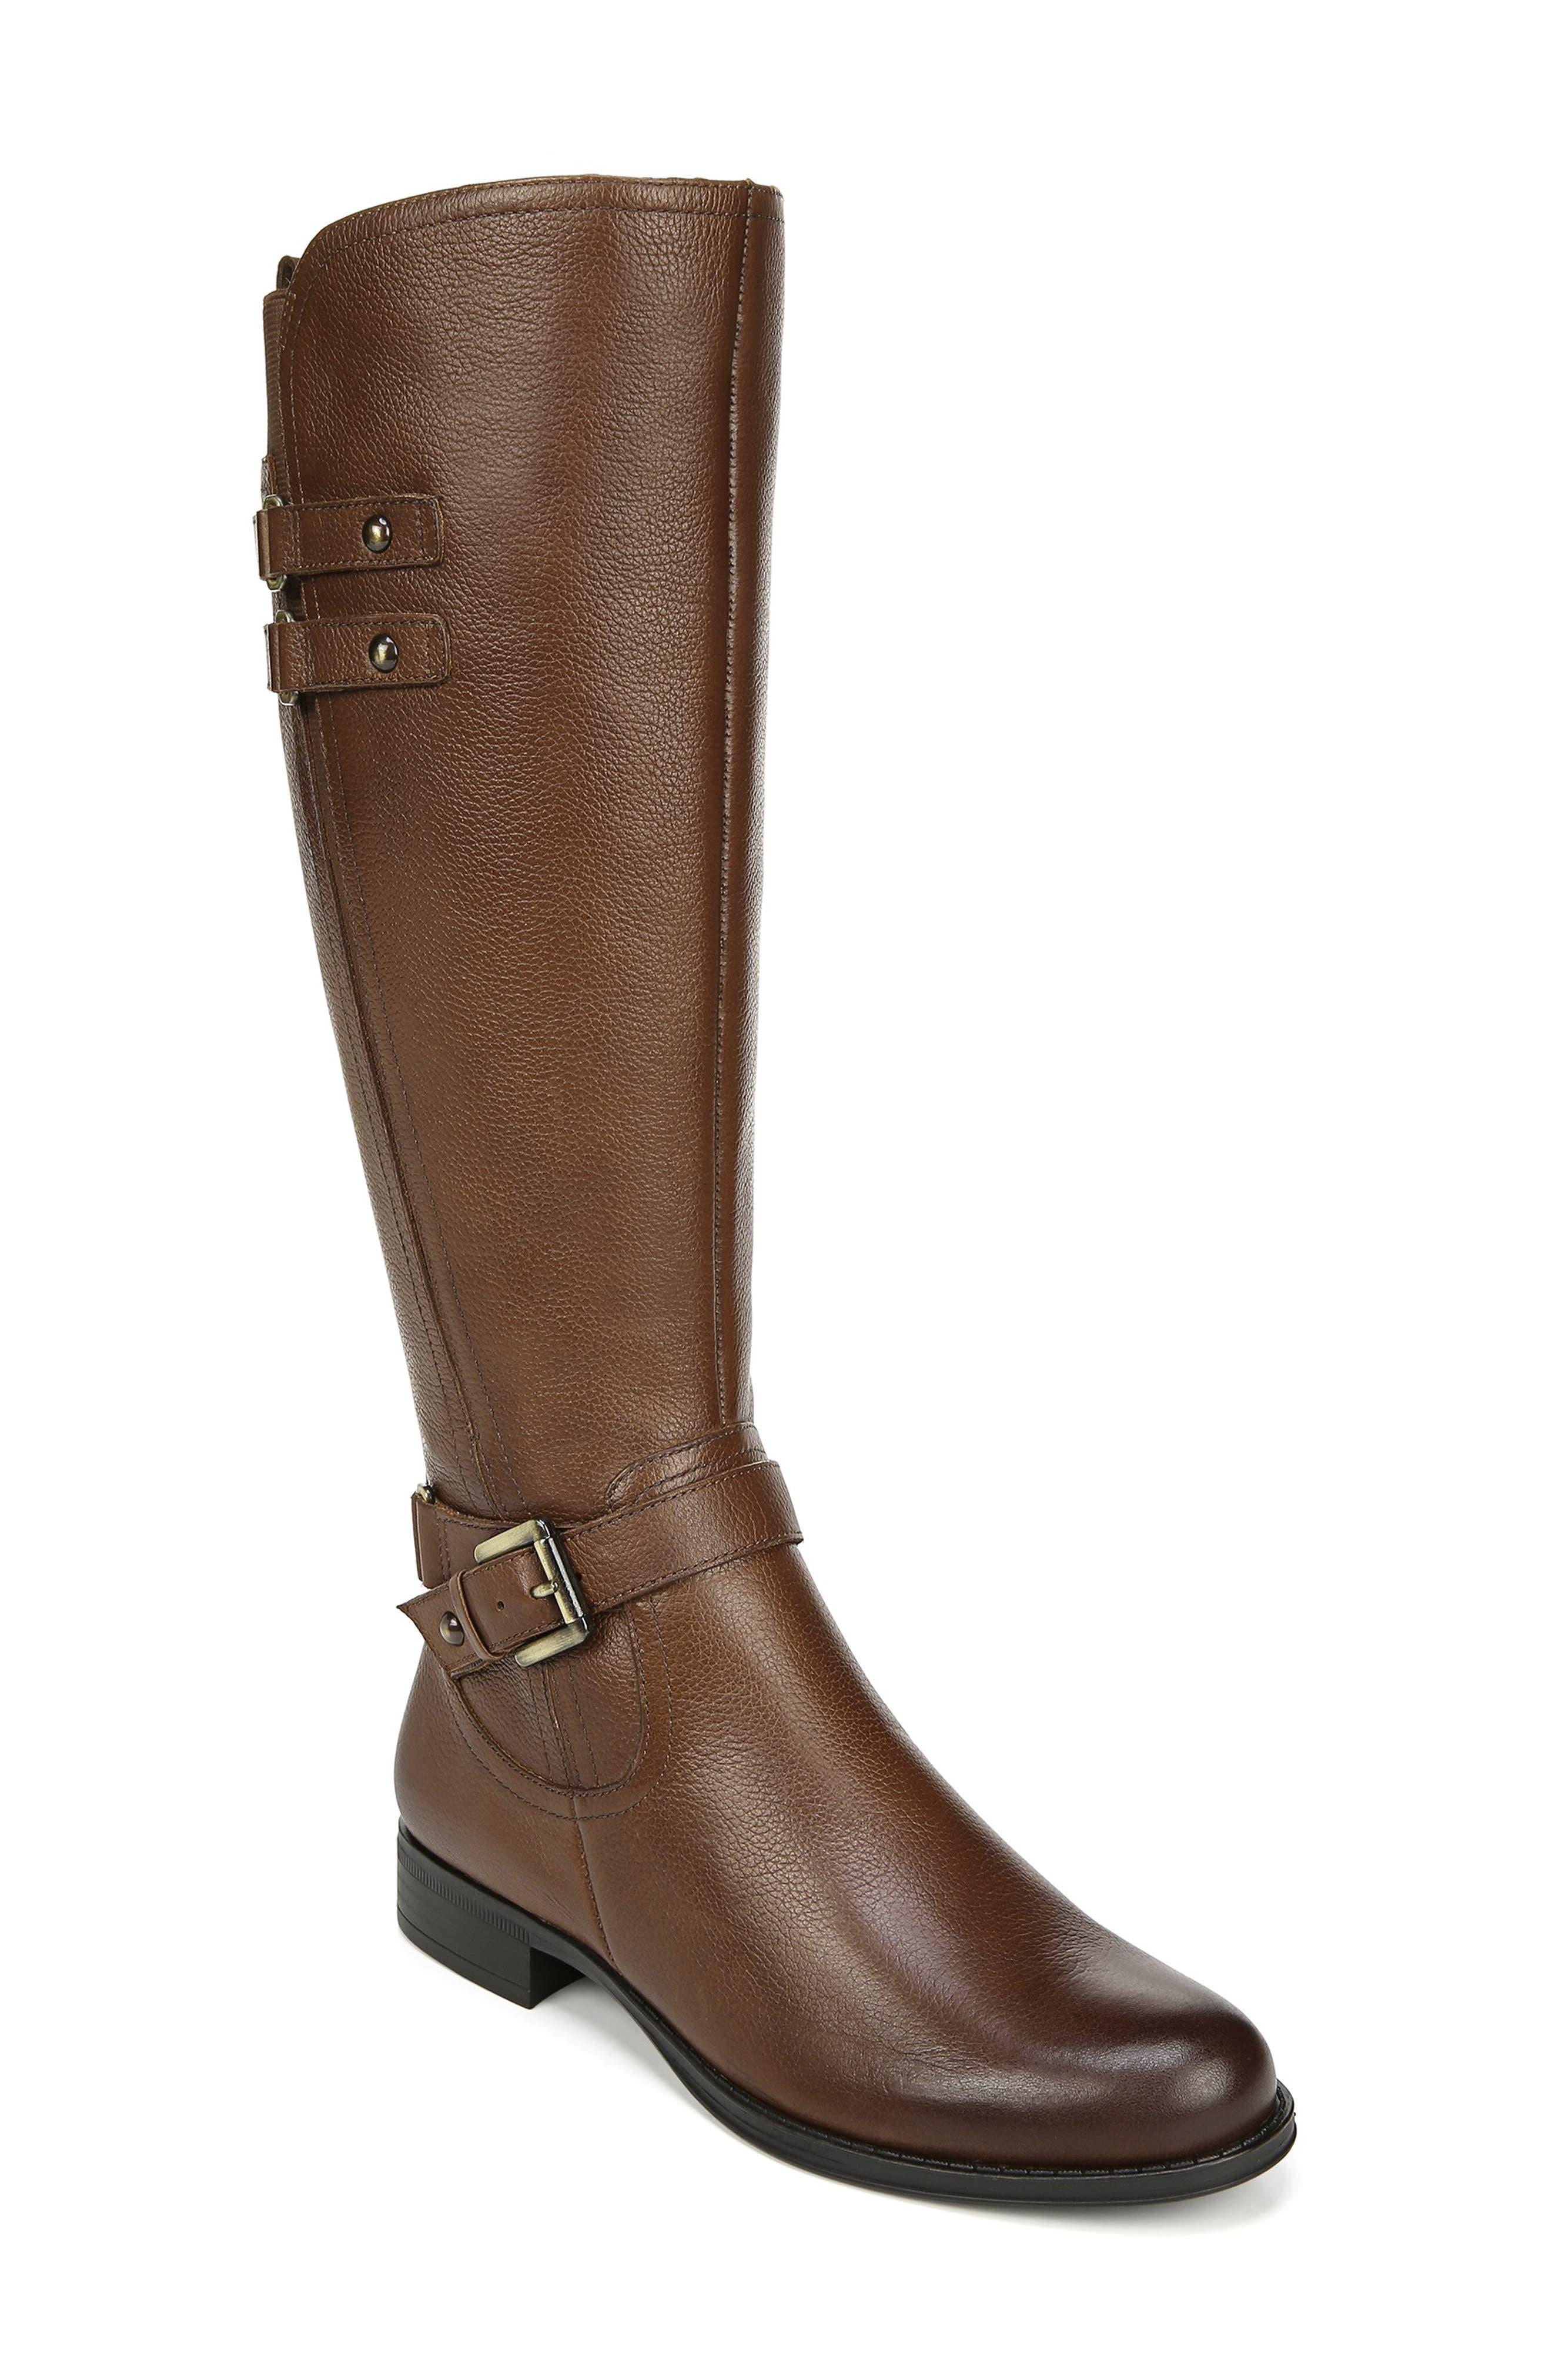 Naturalizer Jackie Tall Riding Boot Regular Calf- Brown